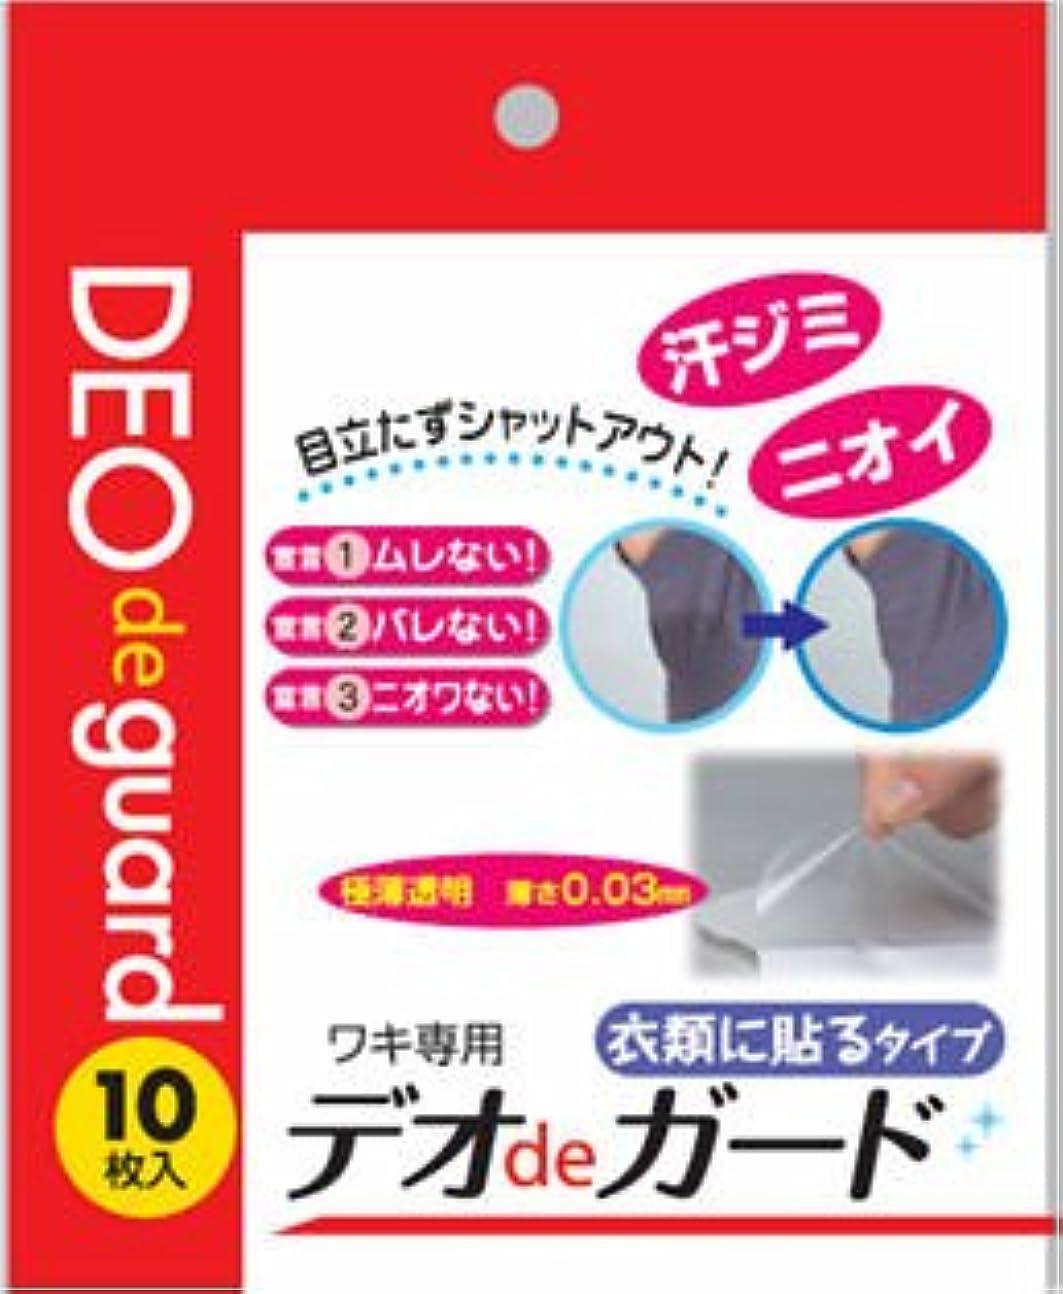 定規軸ペルメルワキ専用 デオdeガード 10枚入り